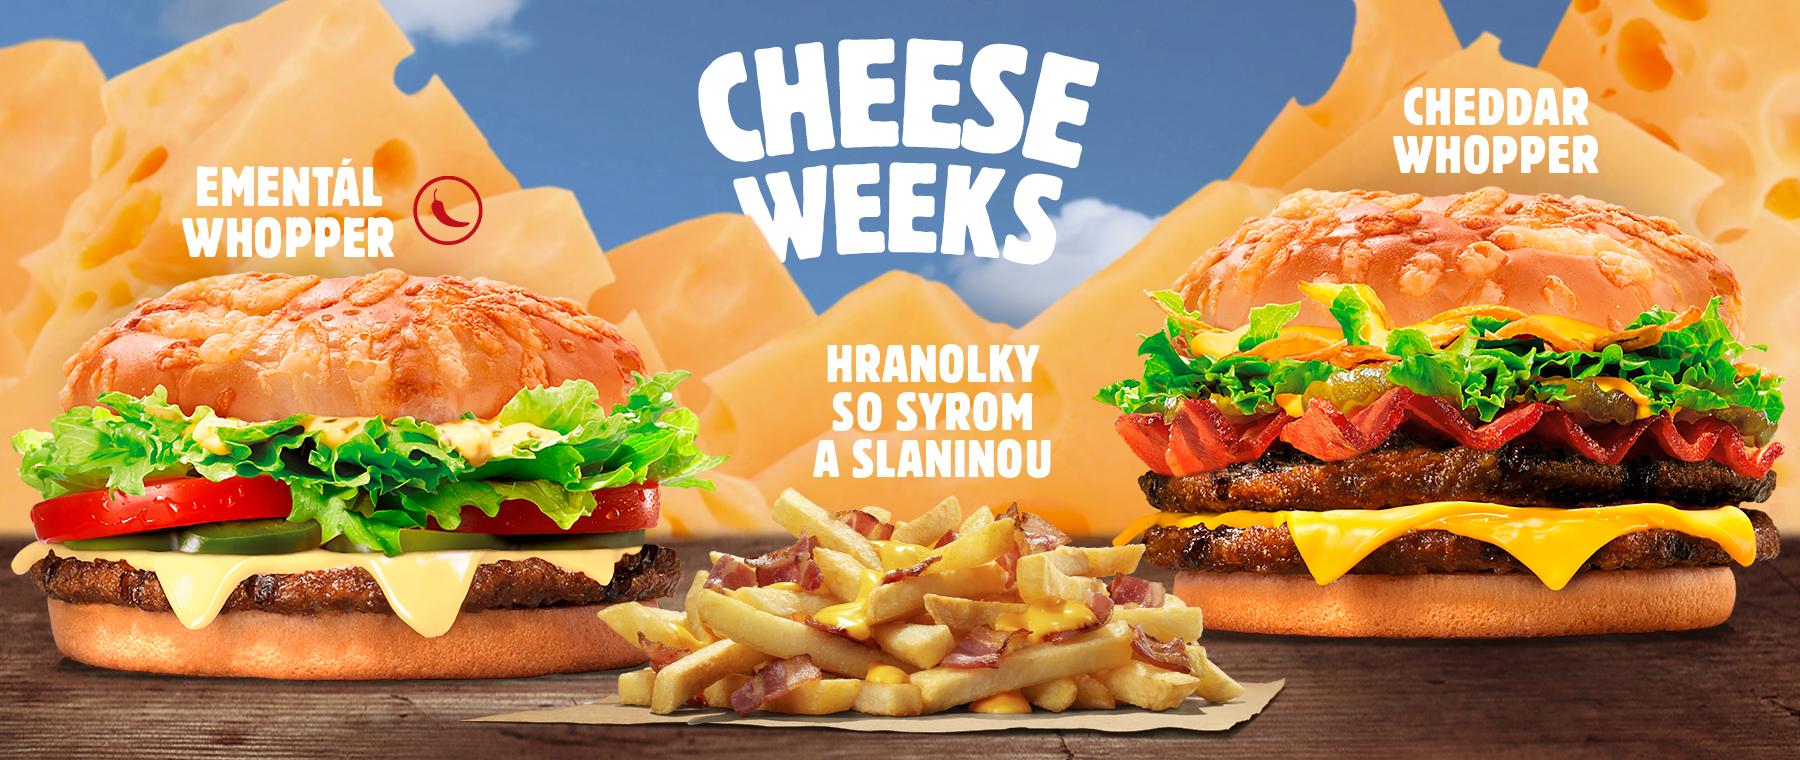 Cheese weeks